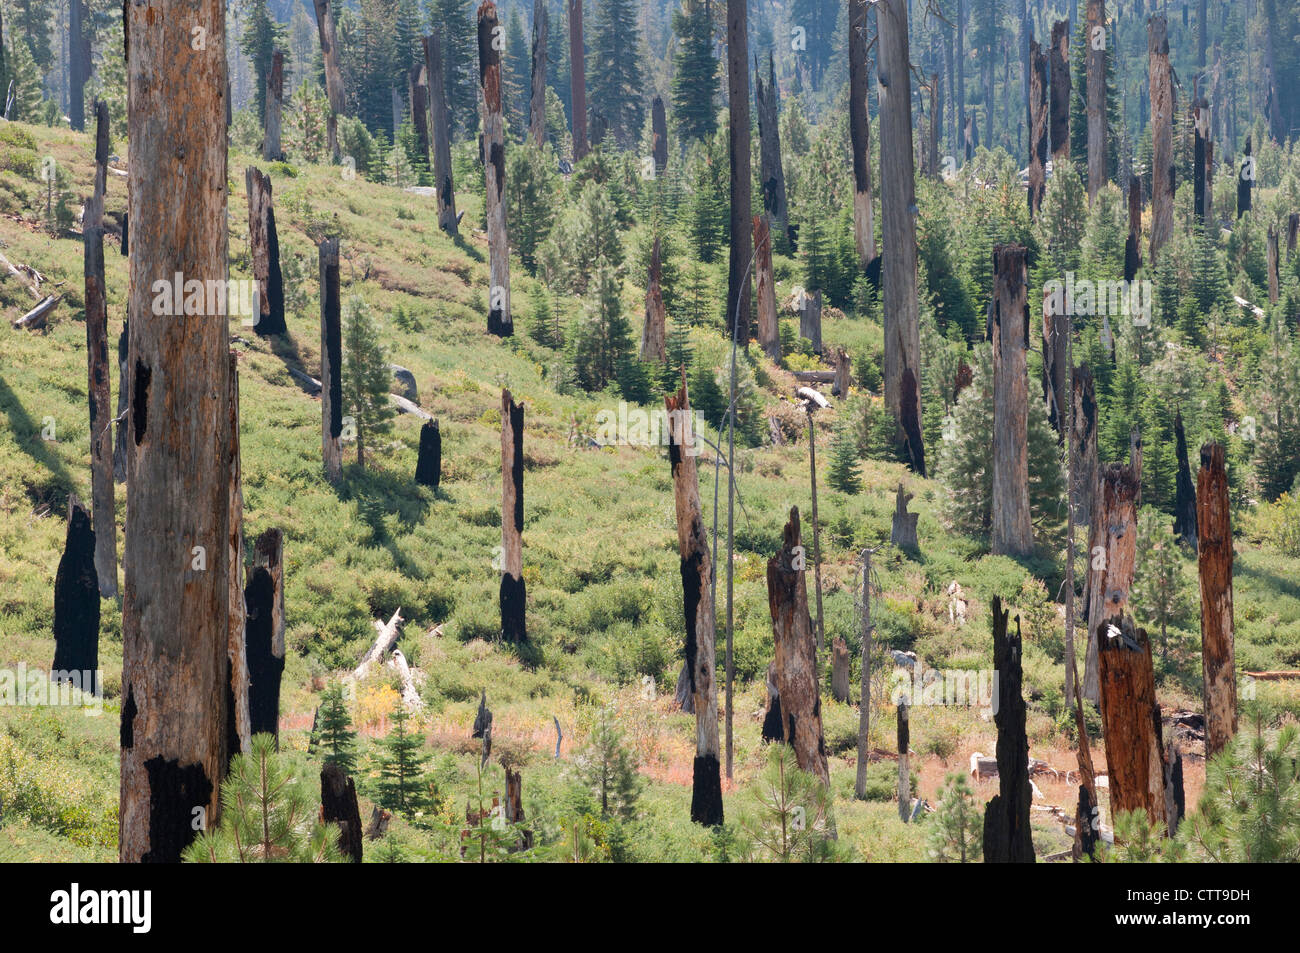 Conifer cultivar, Conifer, Green. Stock Photo